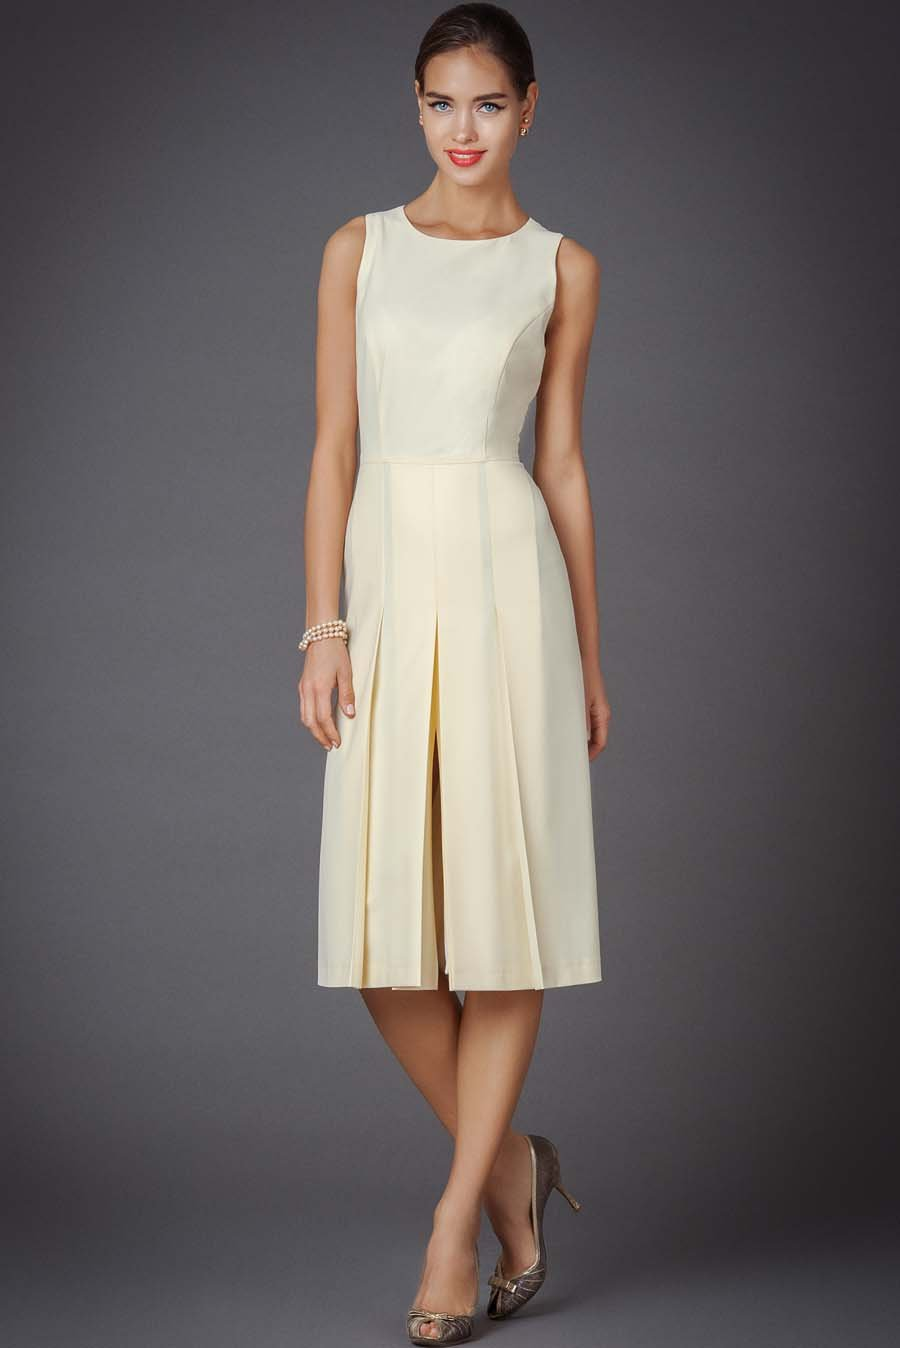 Платье с одной складкой впереди